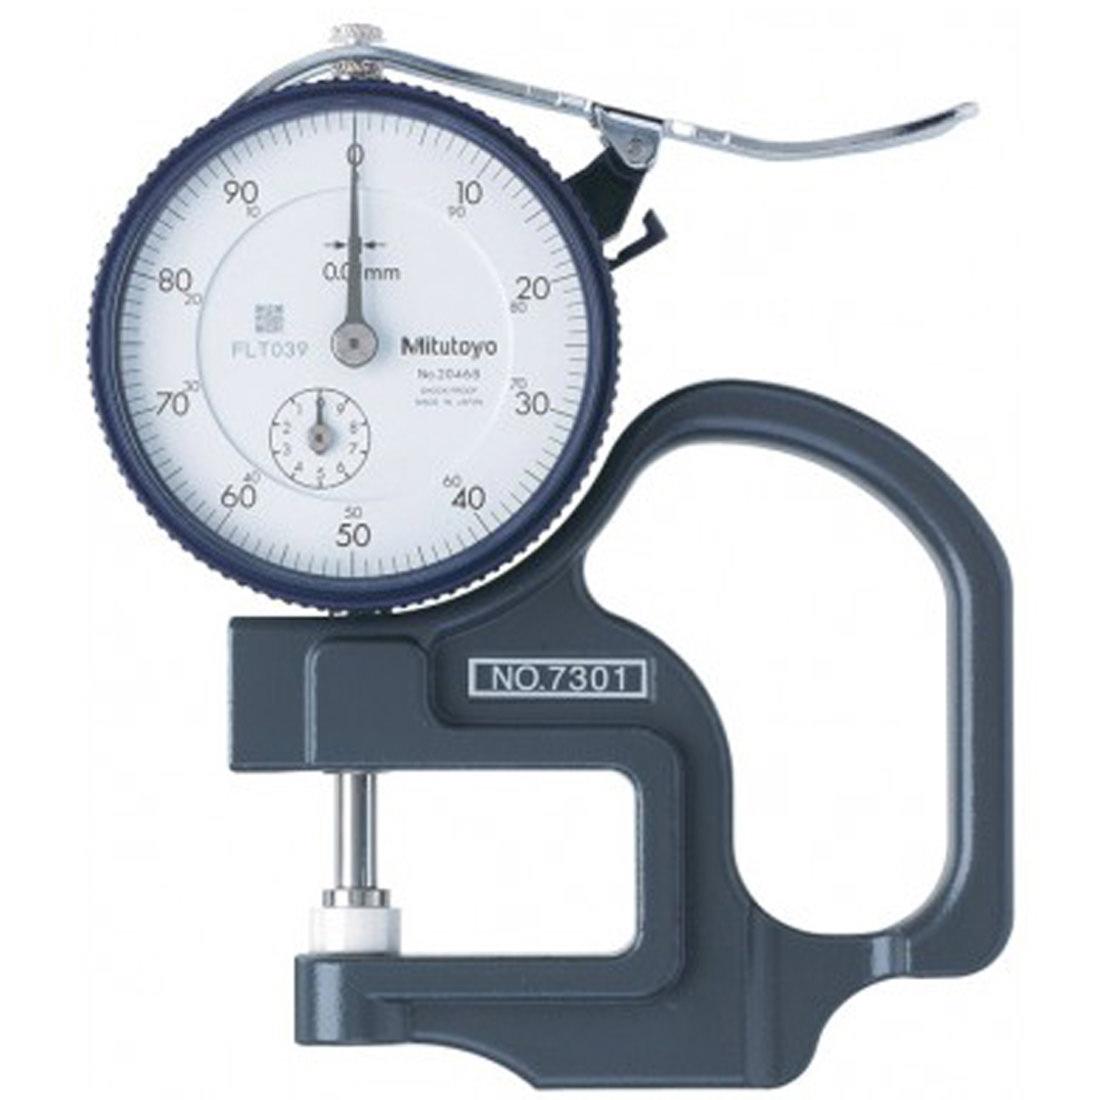 Medidor Espessura Analógico com Relógio 0 a 10mm Mitutoyo